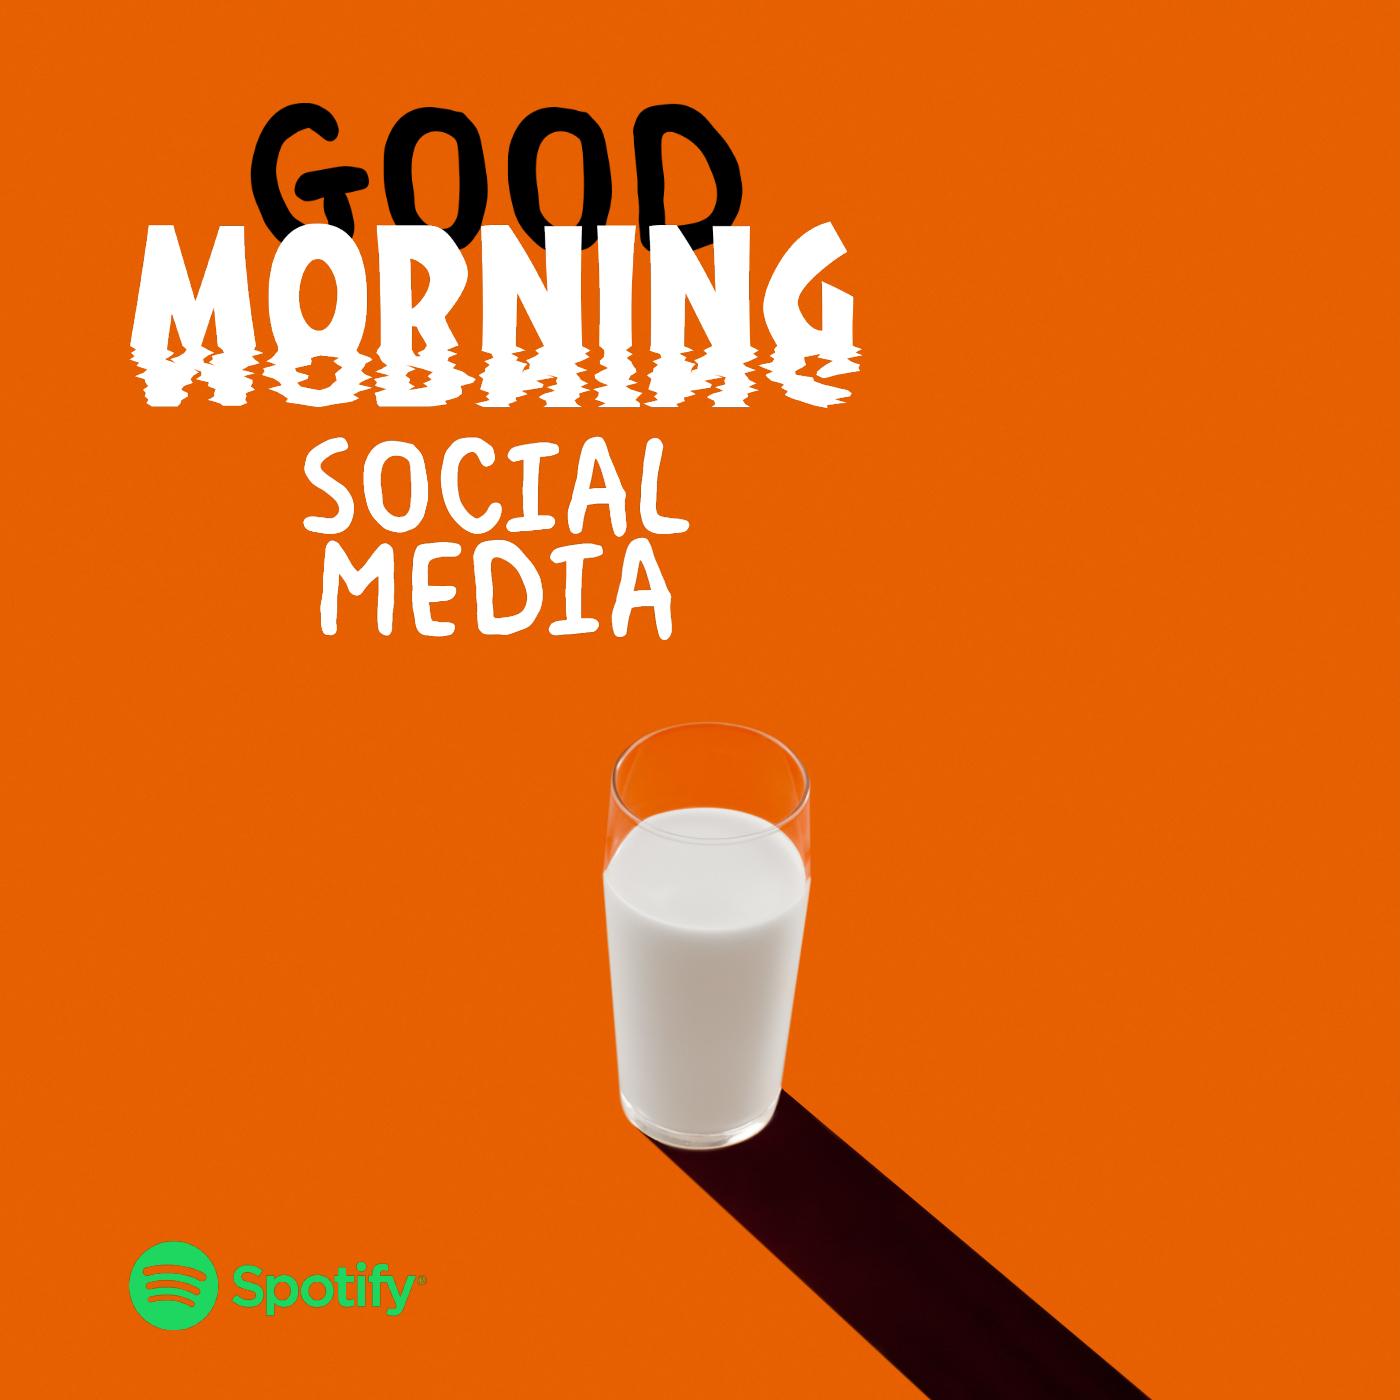 Good Morning Social Media